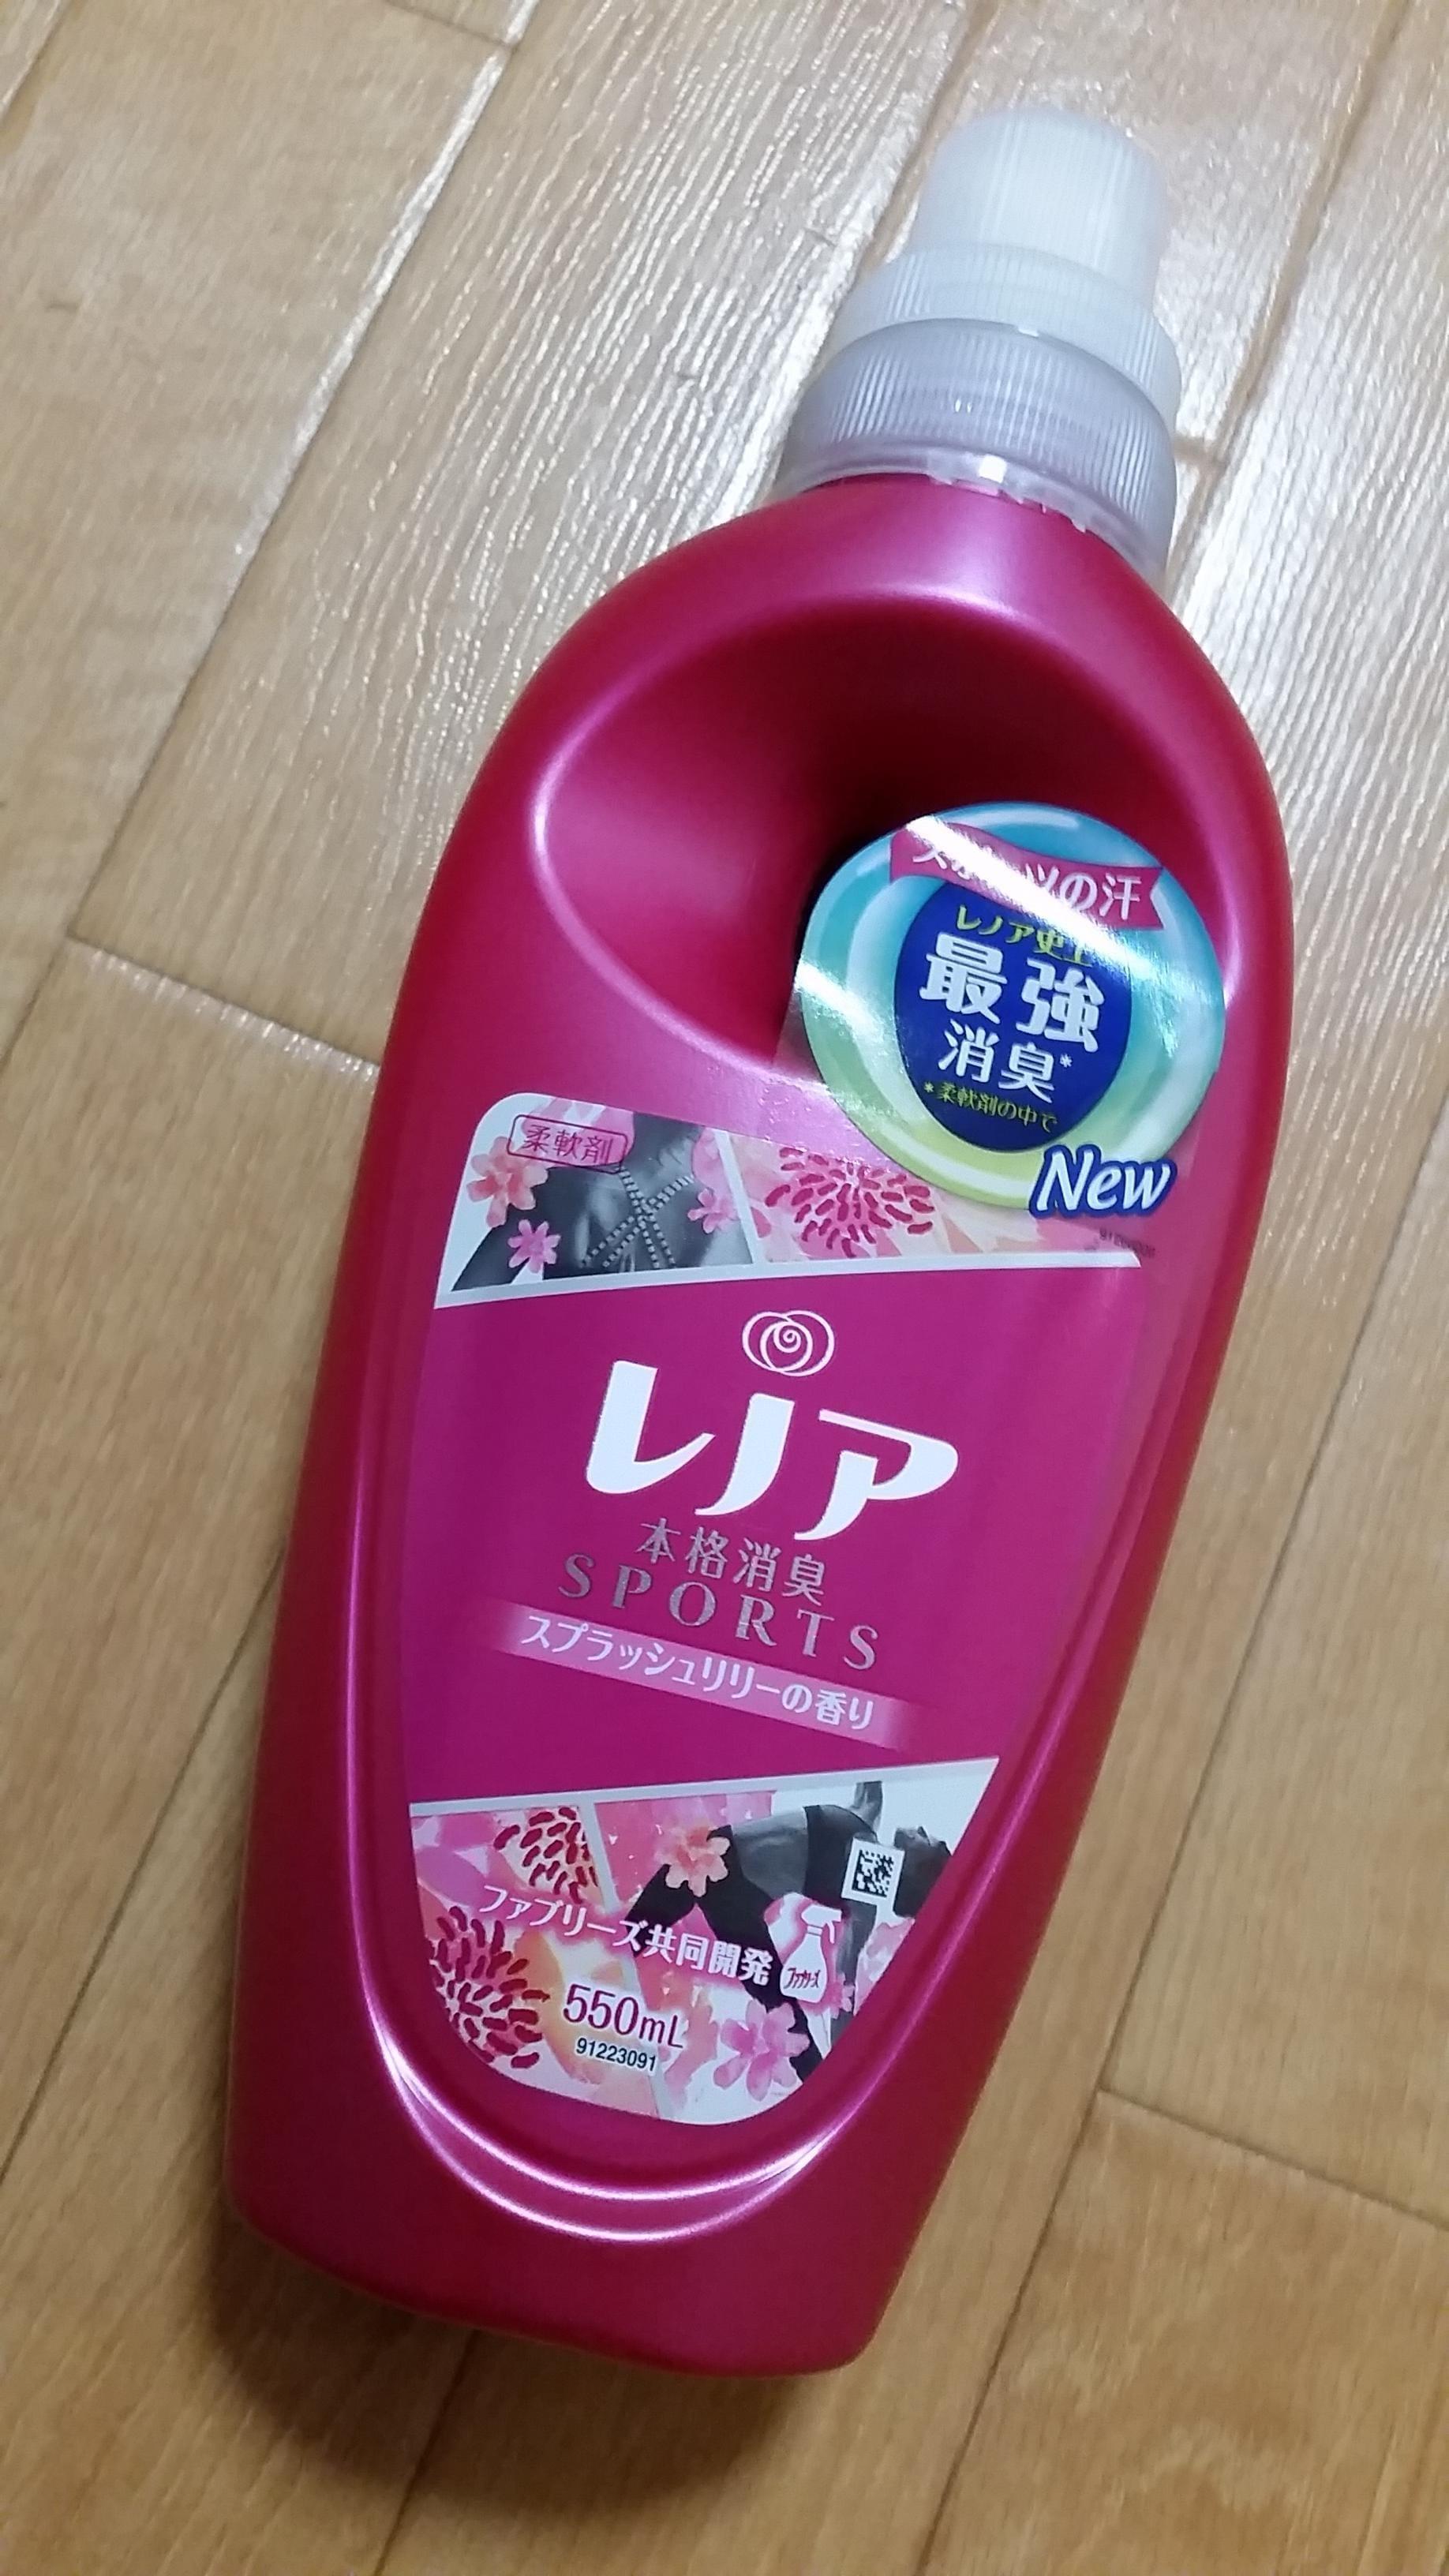 「運動はします^^」09/27(月) 21:35   桐谷 香織の写メ